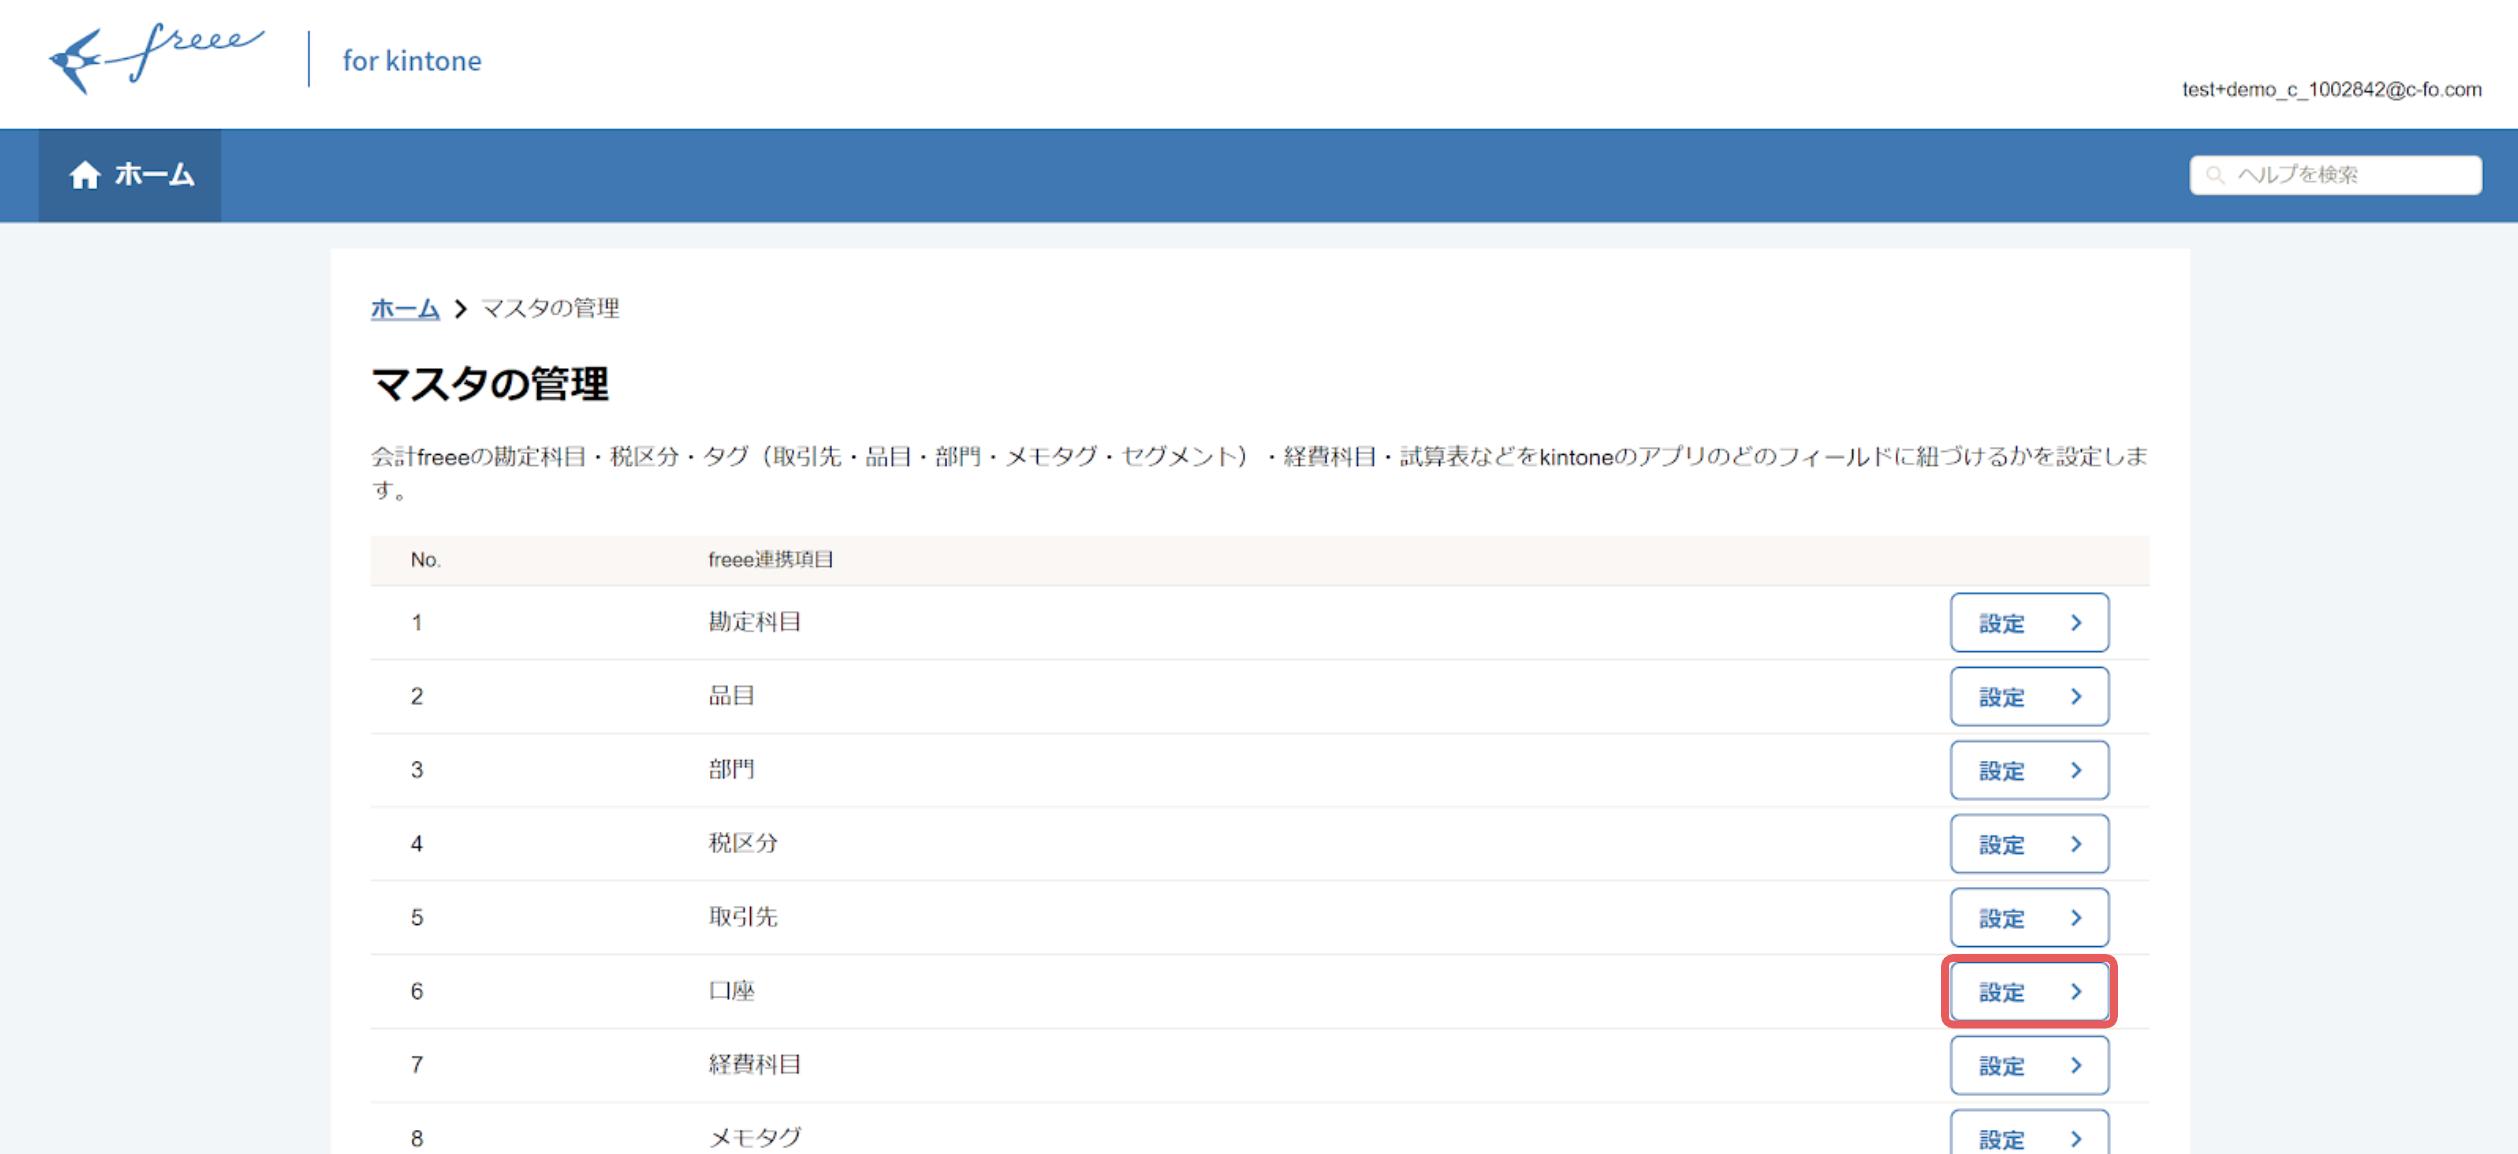 Screen_Shot_2020-07-09_at_16.49.45.png